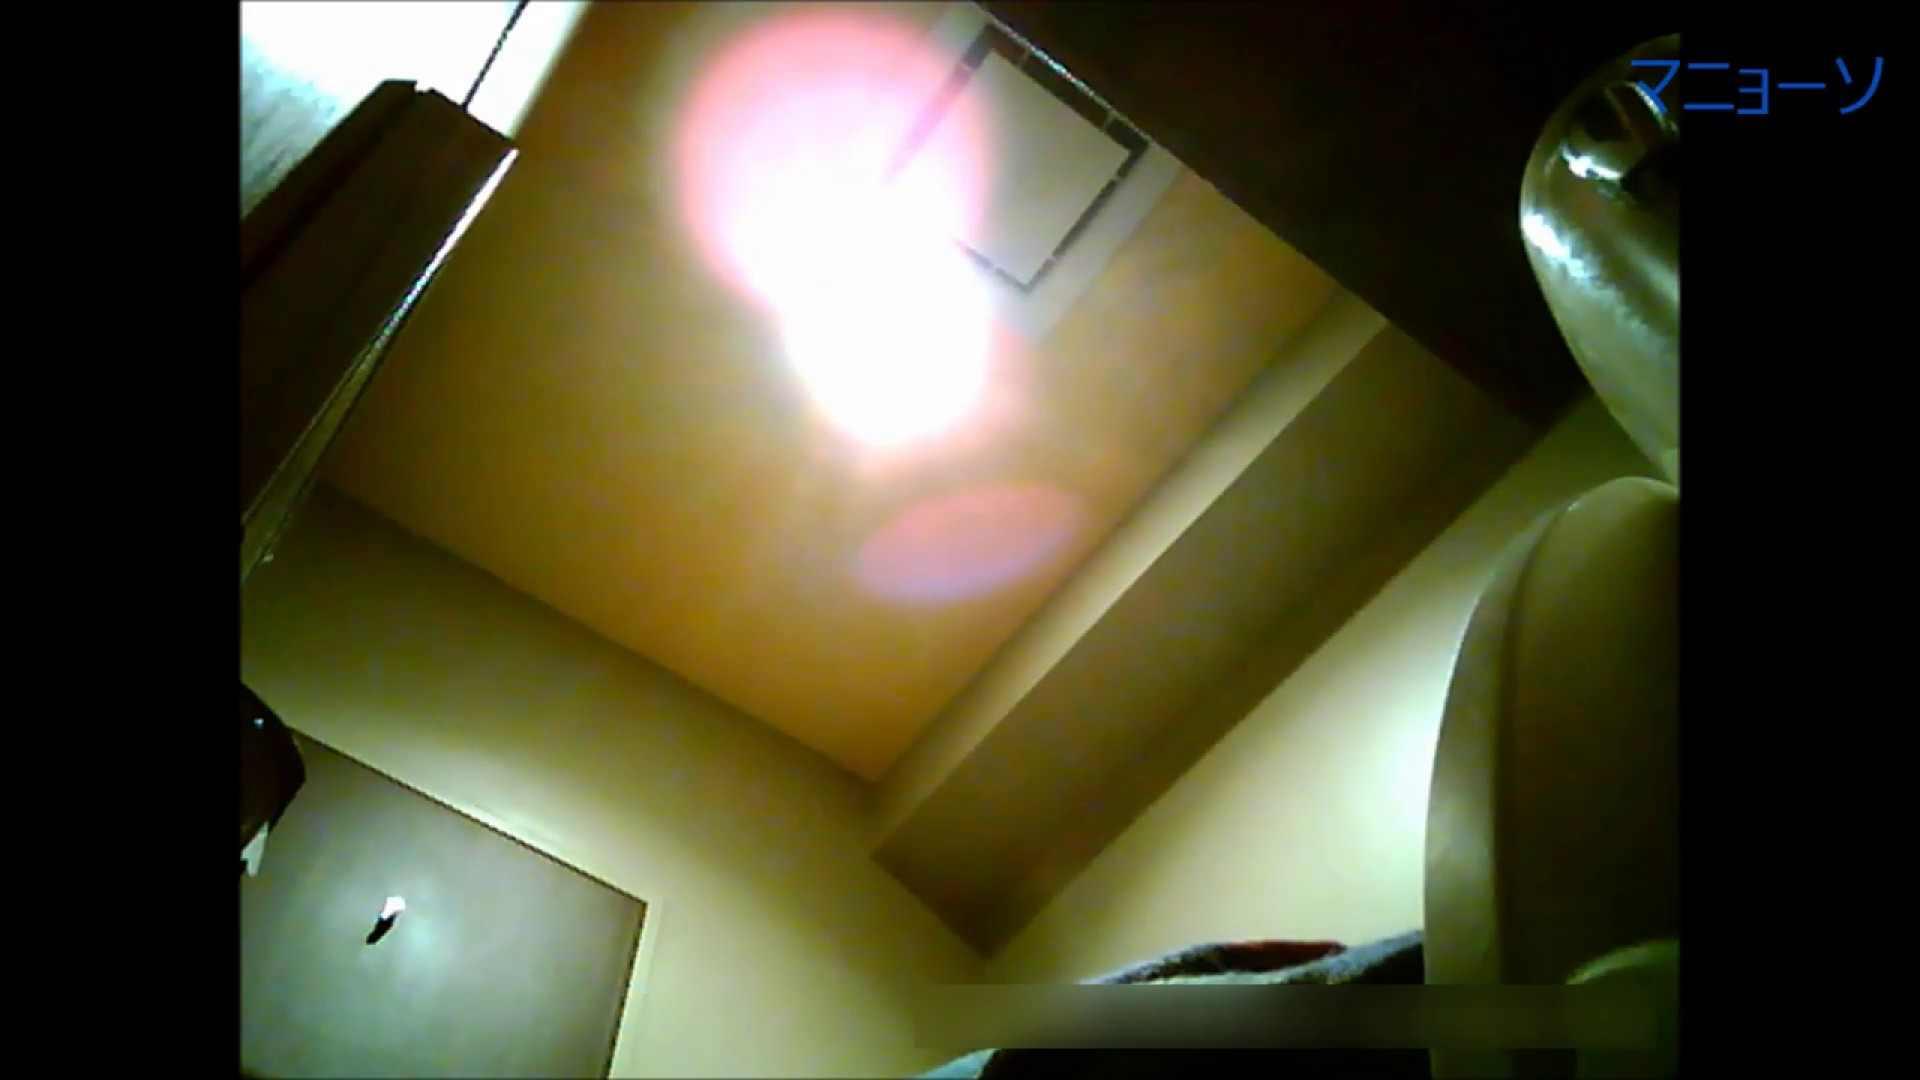 トイレでひと肌脱いでもらいました (JD編)Vol.02 トイレ  80pic 32